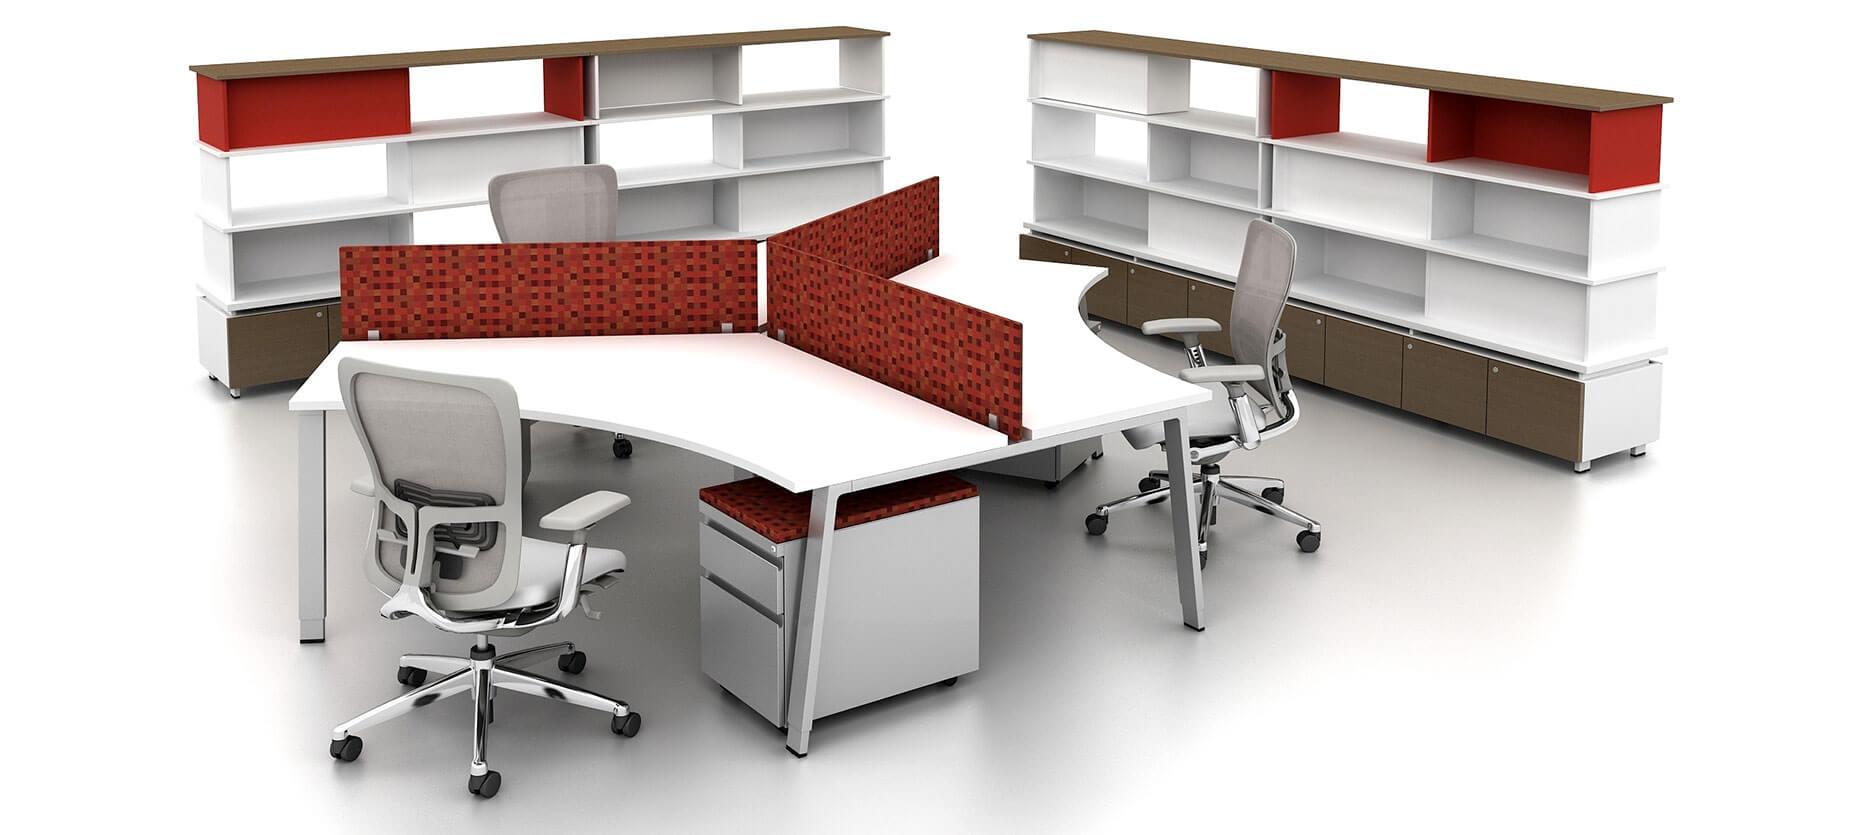 Zody Desk Chair